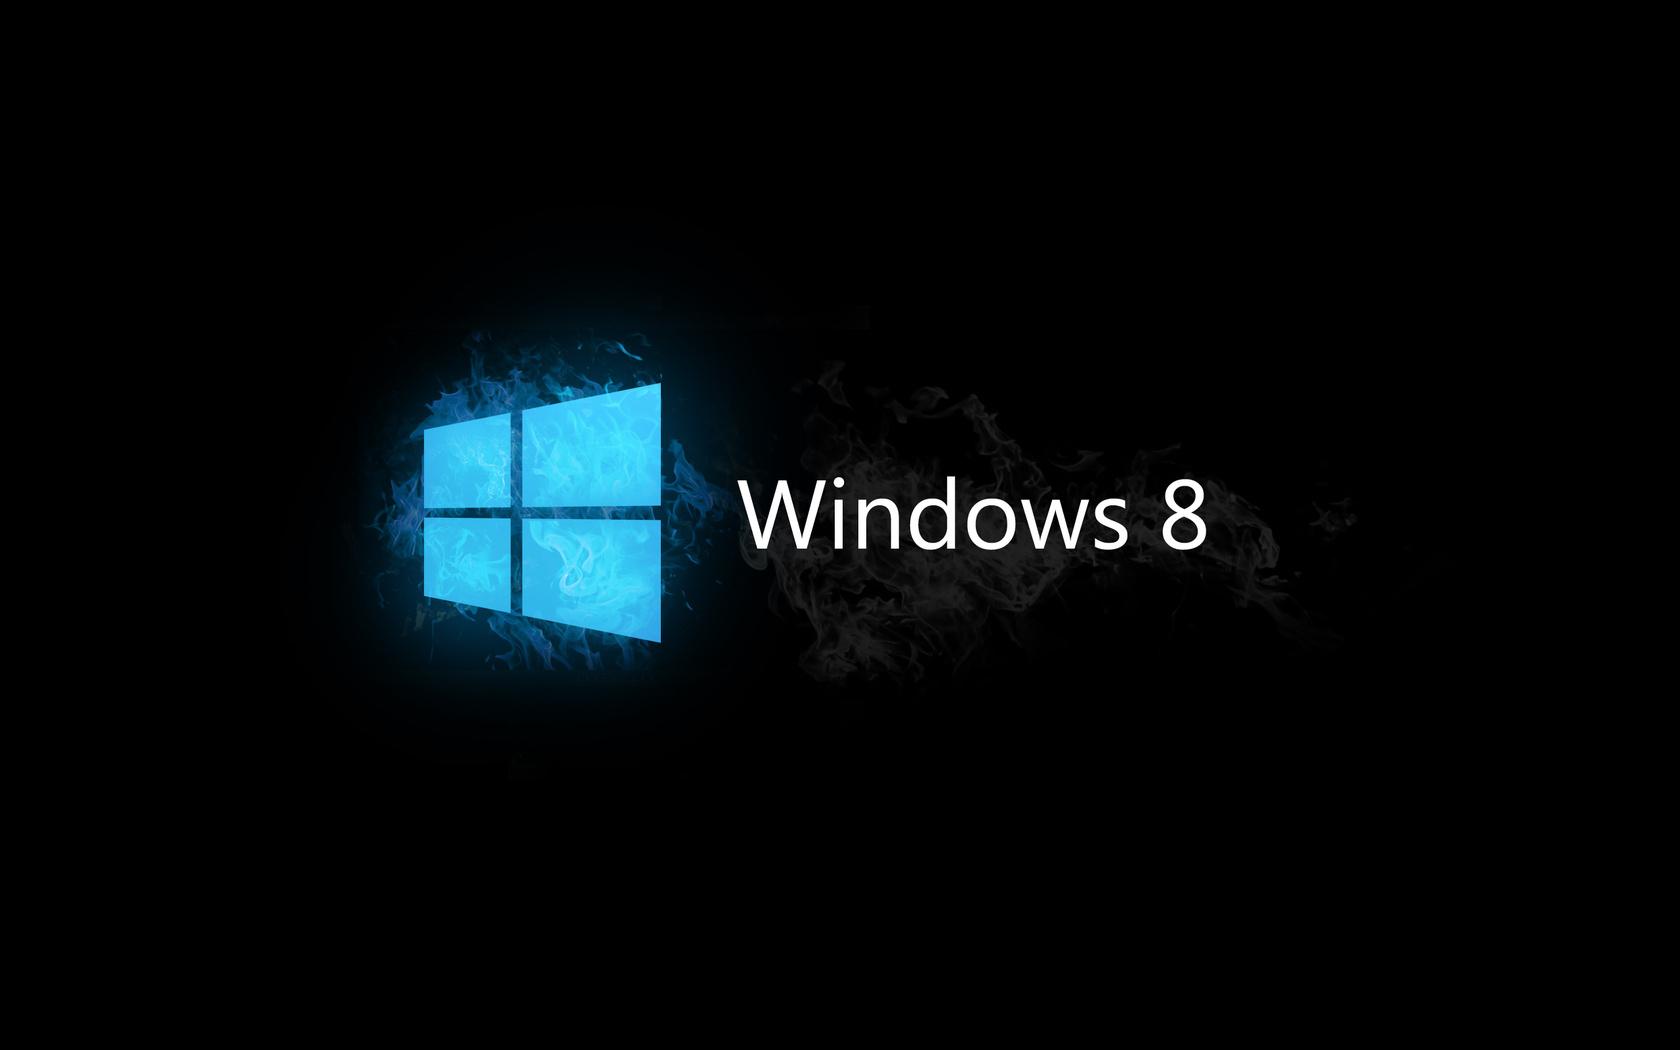 windows 8 wallpaper and hintergrund | 1680x1050 | id:368449